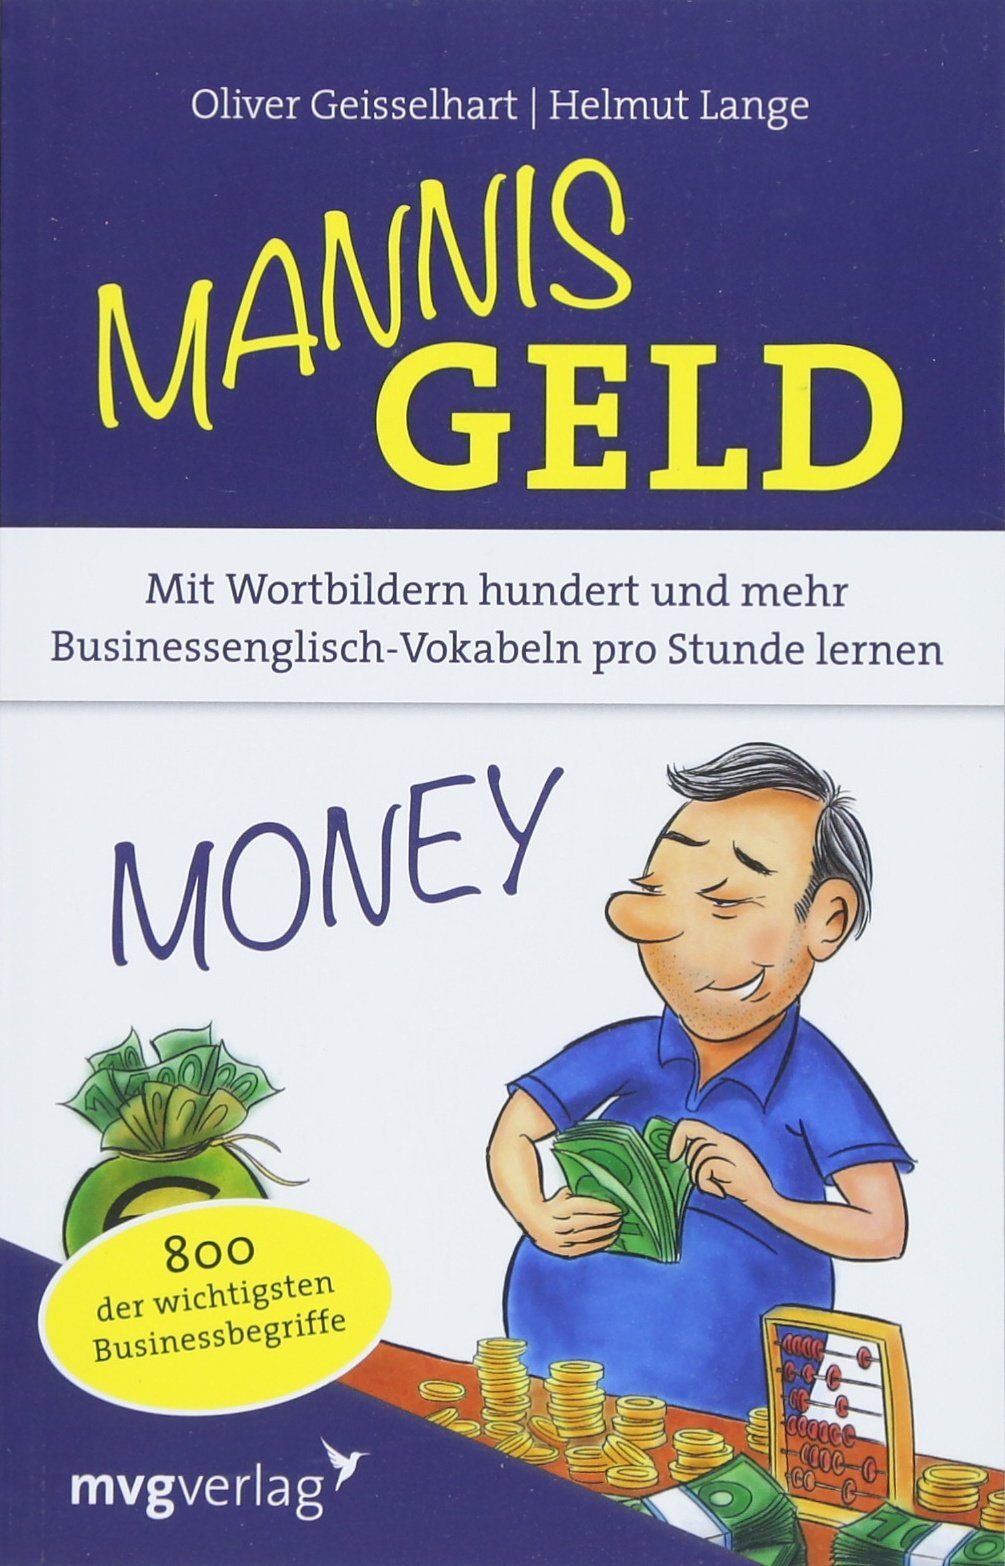 Mannis Geld: Mit Wortbildern hundert und mehr Businessenglisch-Vokabeln pro Stunde lernen. 800 der wichtigsten Businessbegriffe